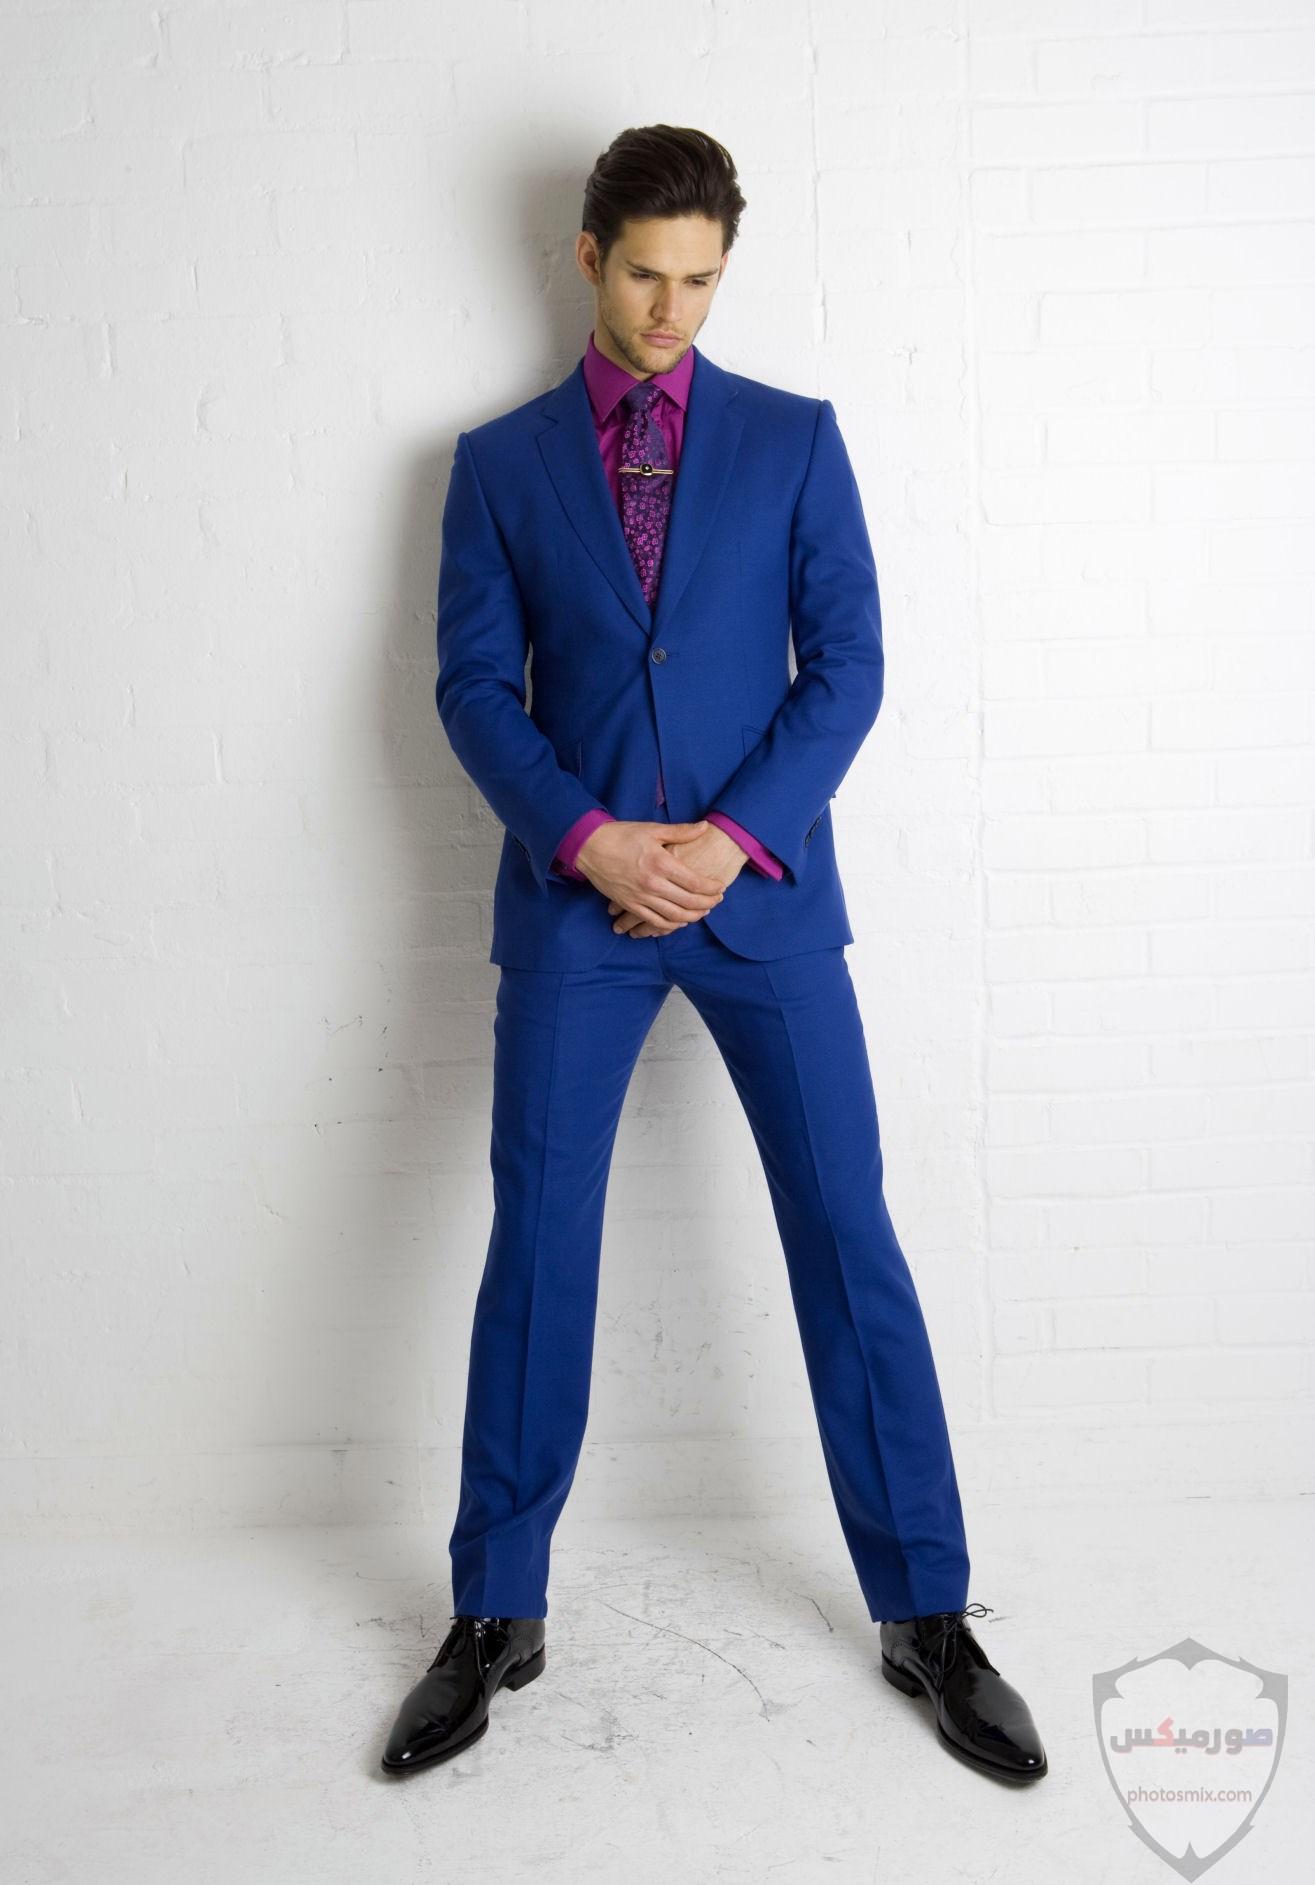 صور بدل رجالى 2020 صور ازياء وملابس كلاسيك شبابية للرجال 8